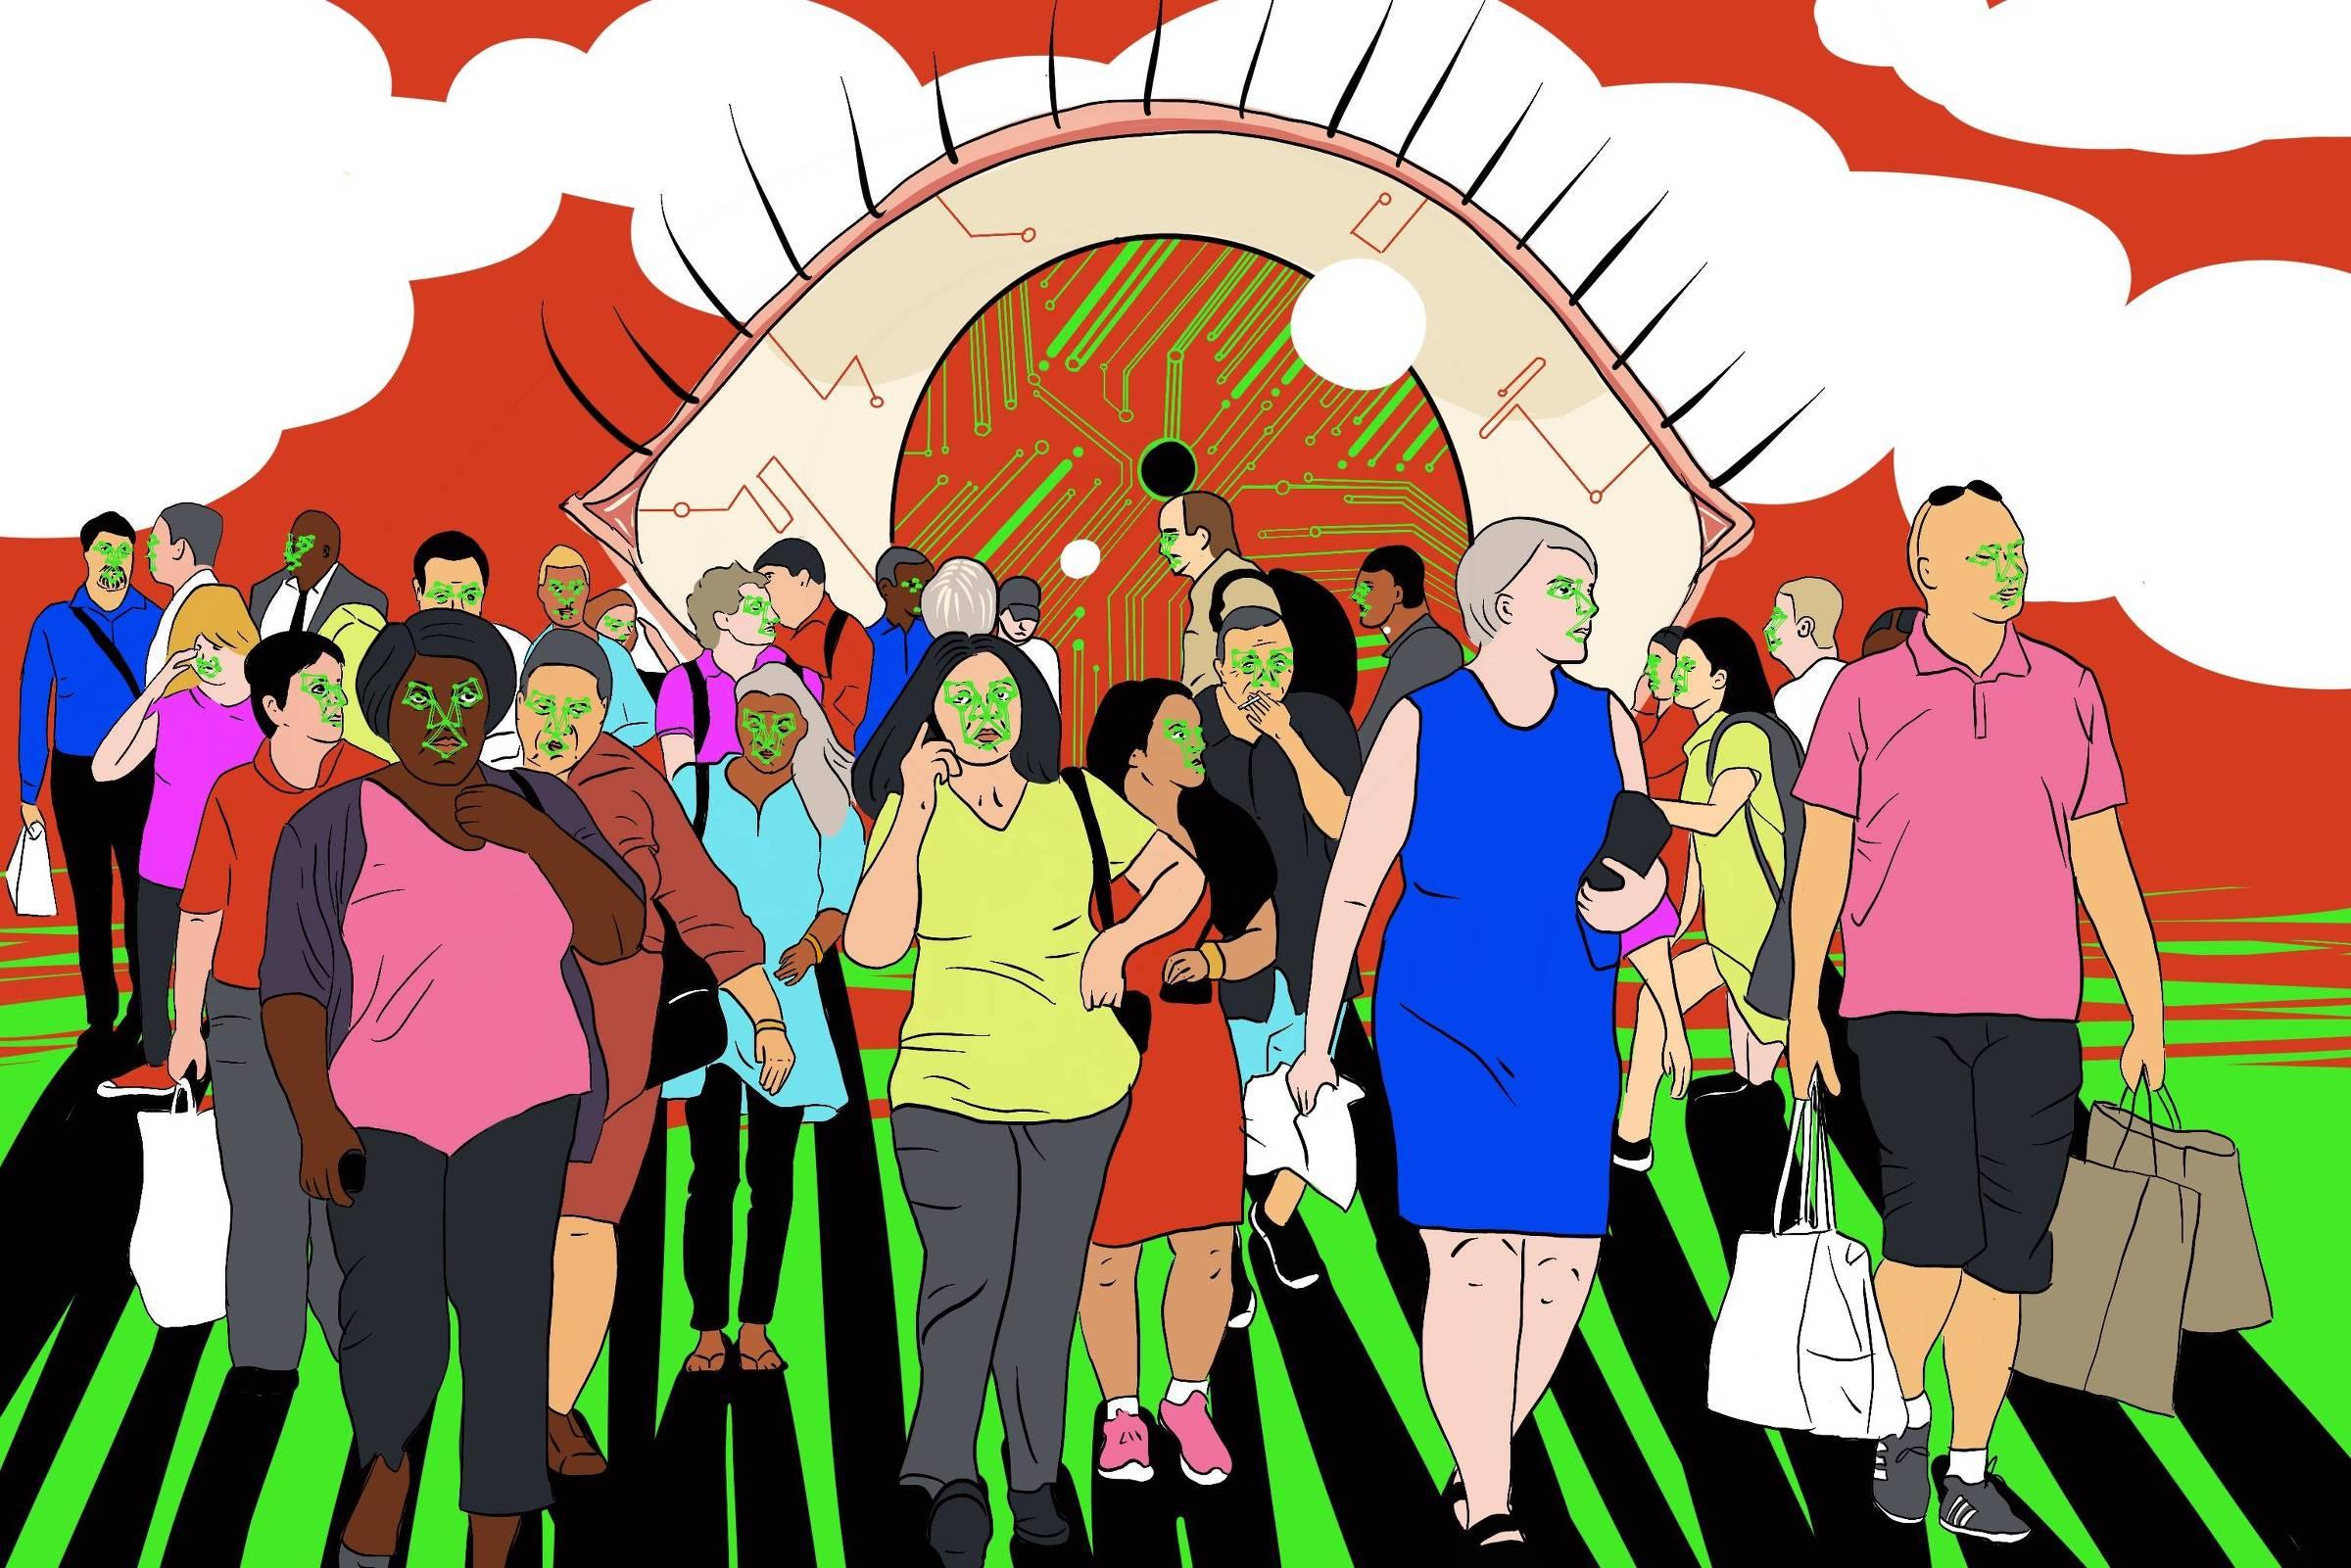 Ilustração mostra multidão e pessoas variadas andando, atrás delas, um olho gigante com segmentos de chip de computador no lugar de veias.